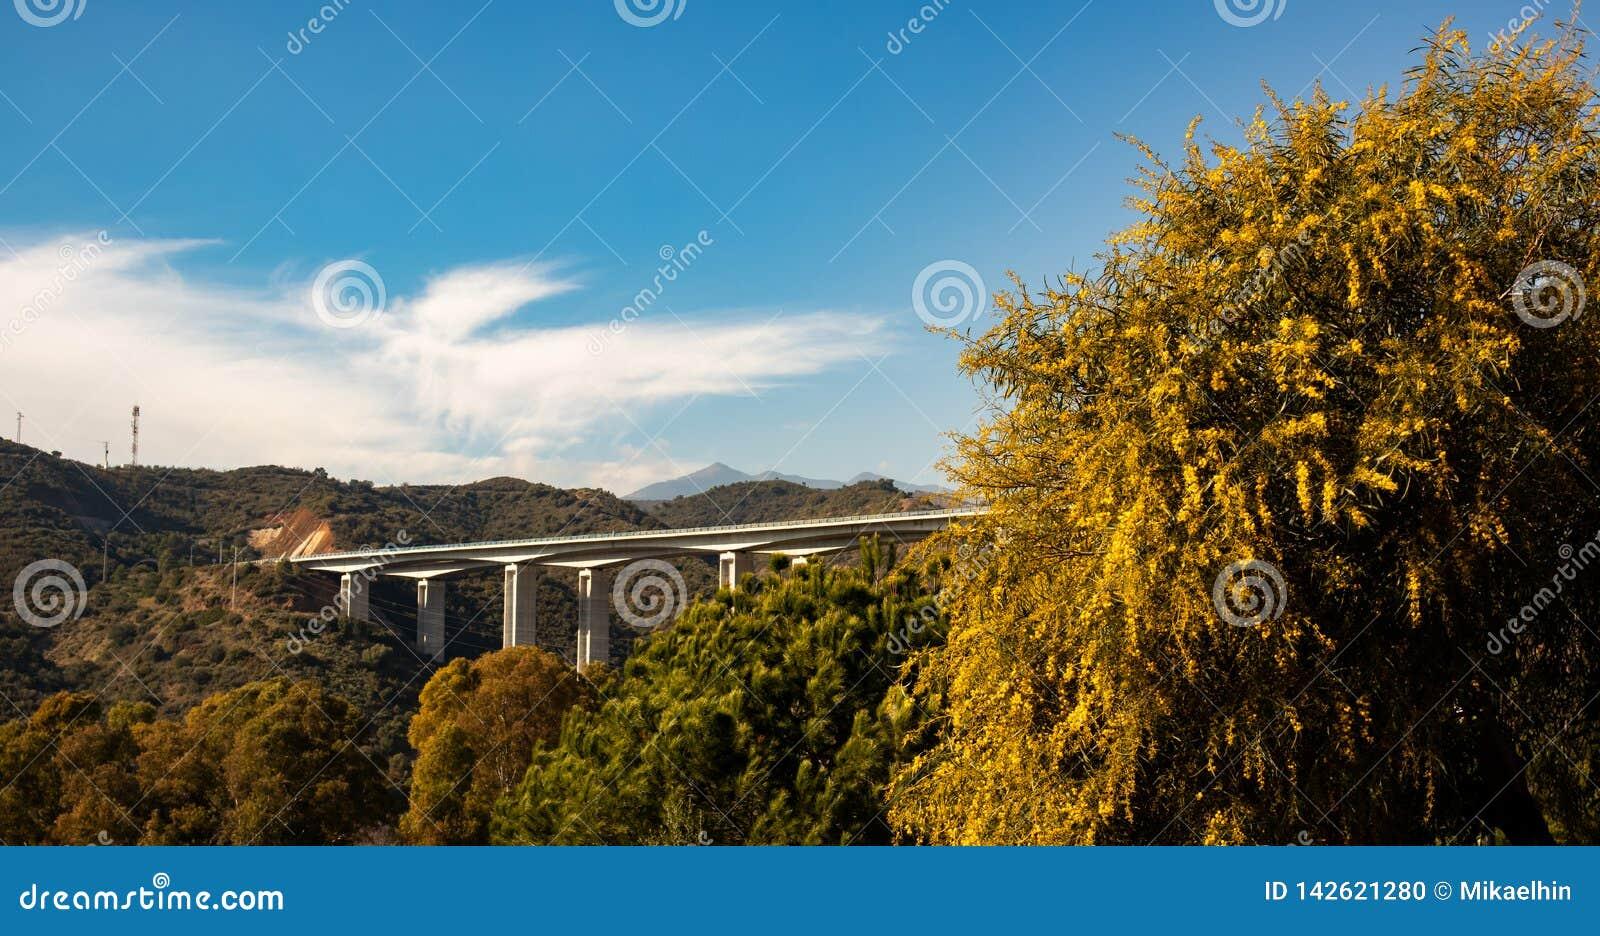 Γέφυρα στην Ισπανία στο ηλιοβασίλεμα